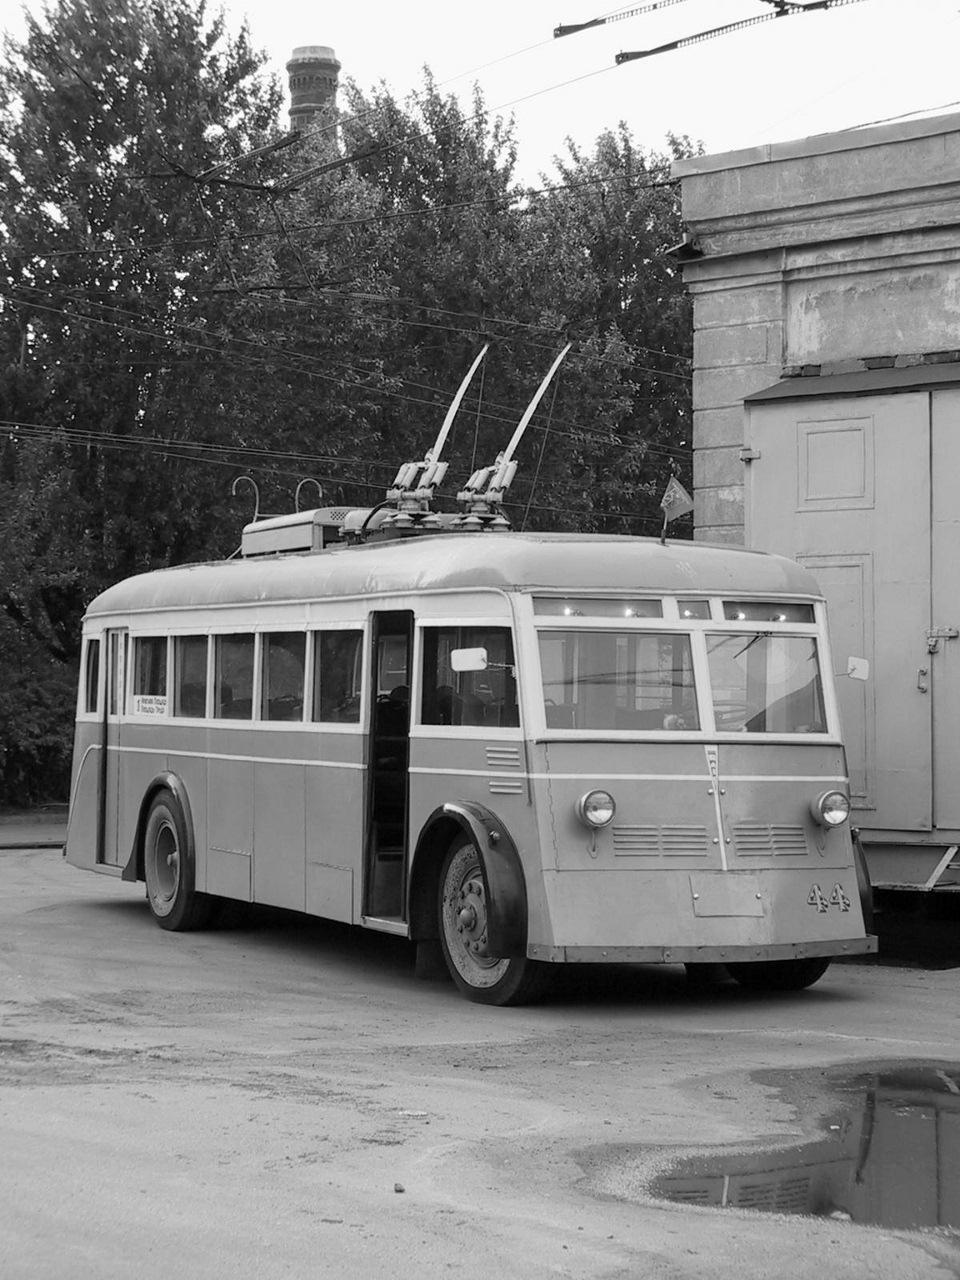 раскраски история с картинками троллейбусов имеет много общего